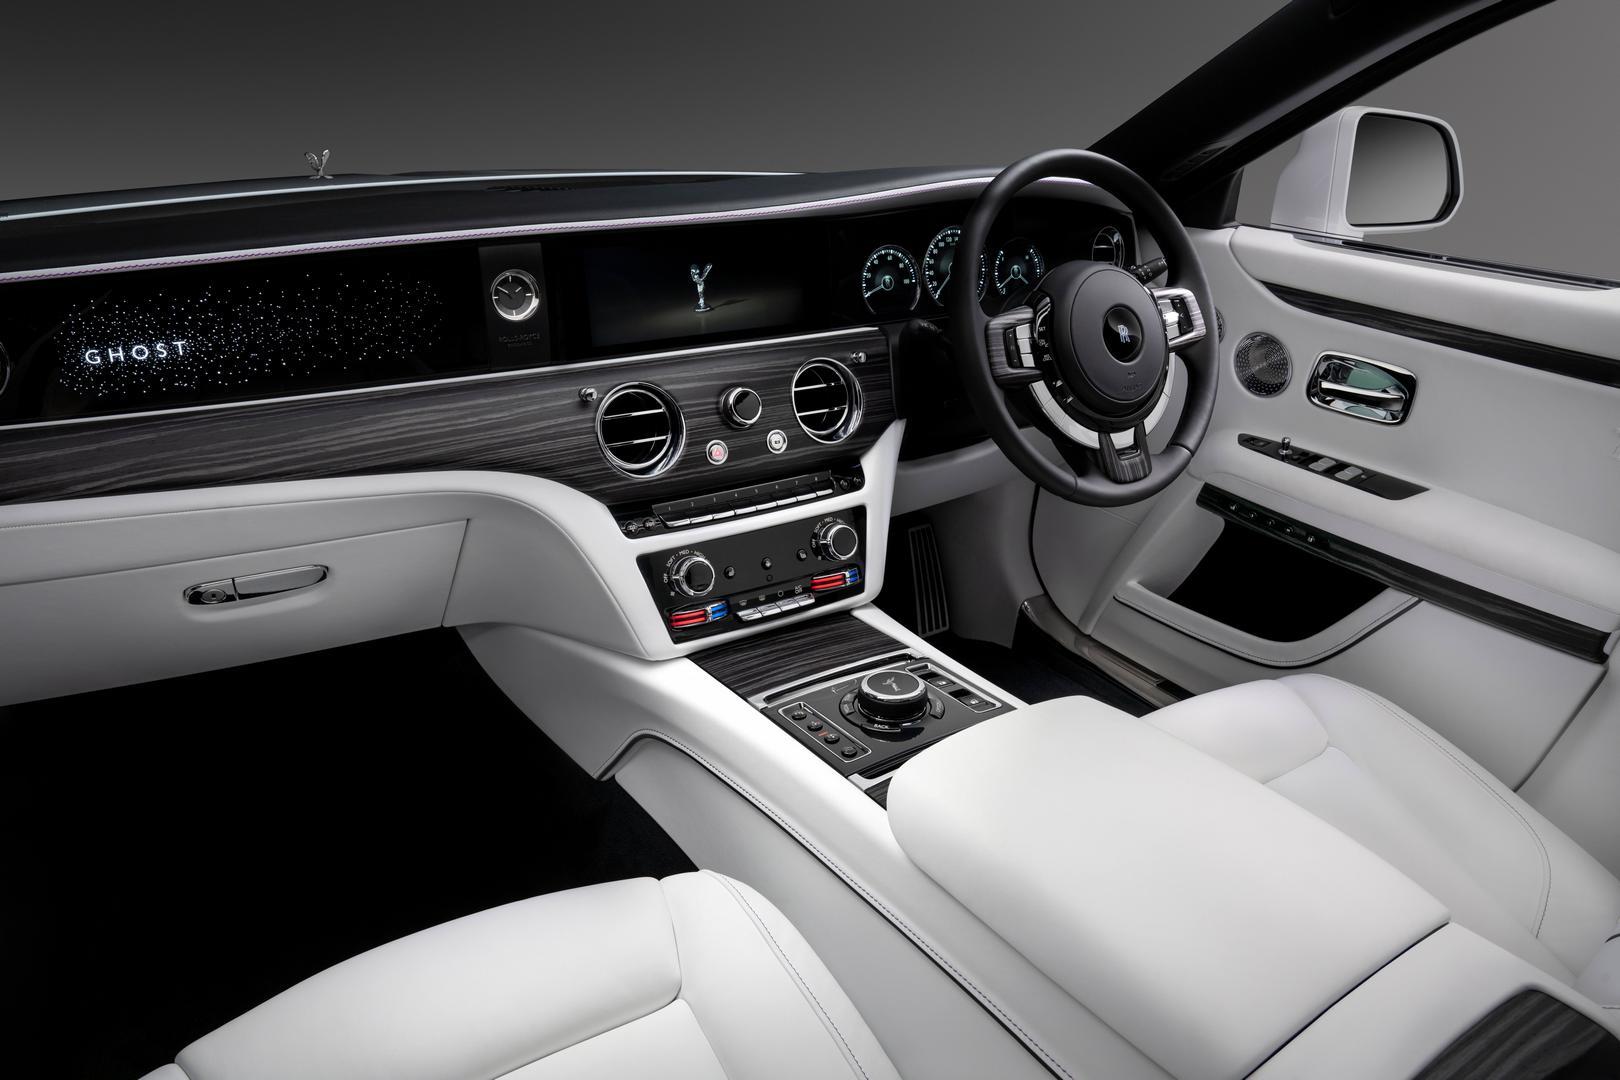 2021 Rolls-Royce Ghost Cabin